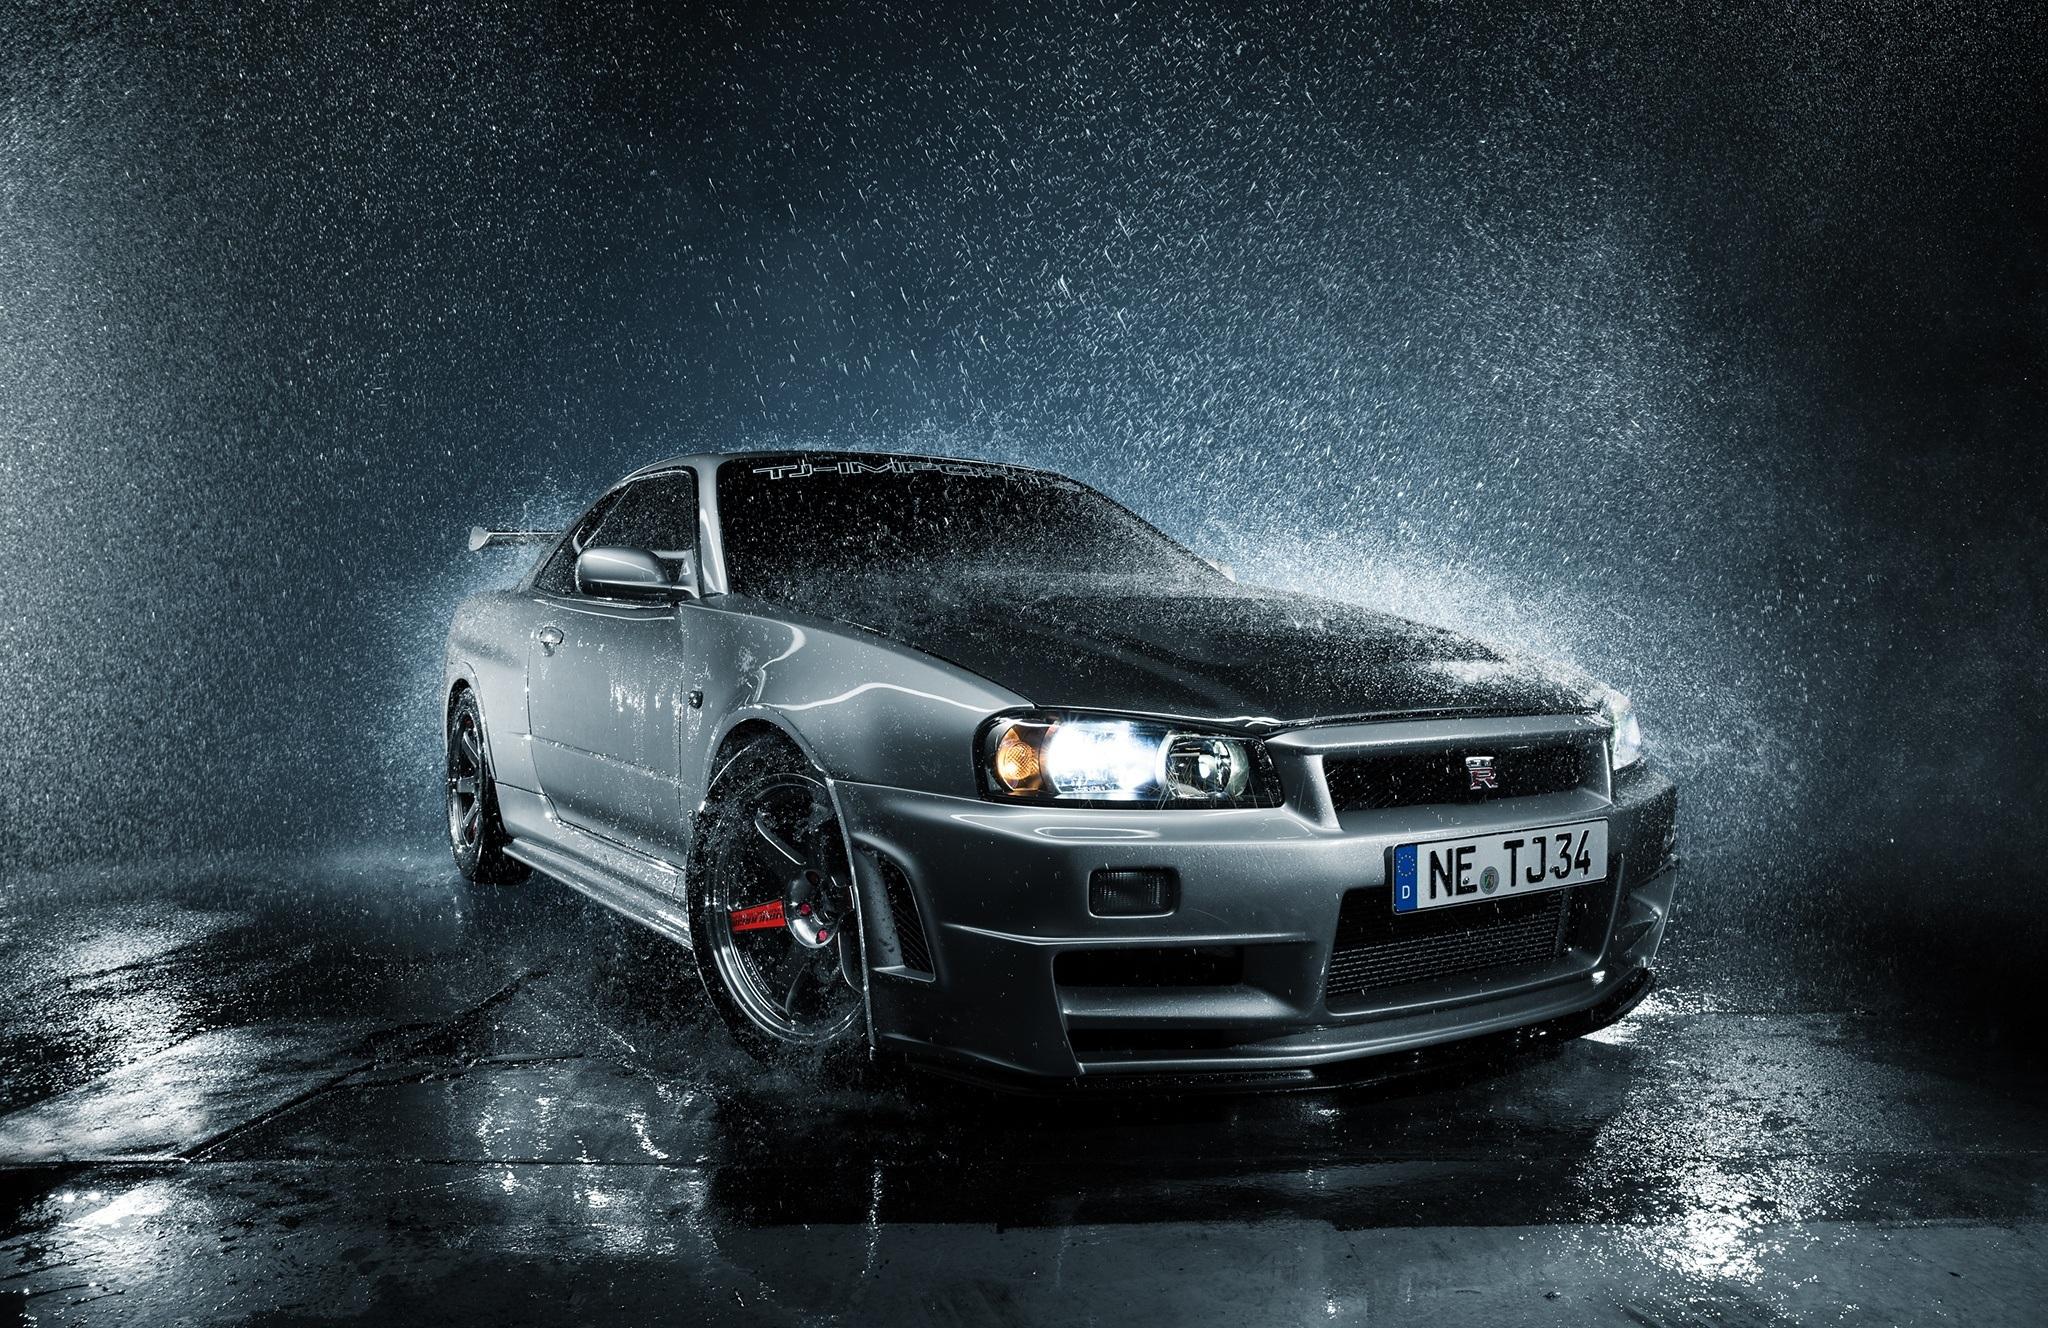 壁紙 雨 日産自動車 Skyline R34 Gtr 正面図 銀色 水滴 前照灯